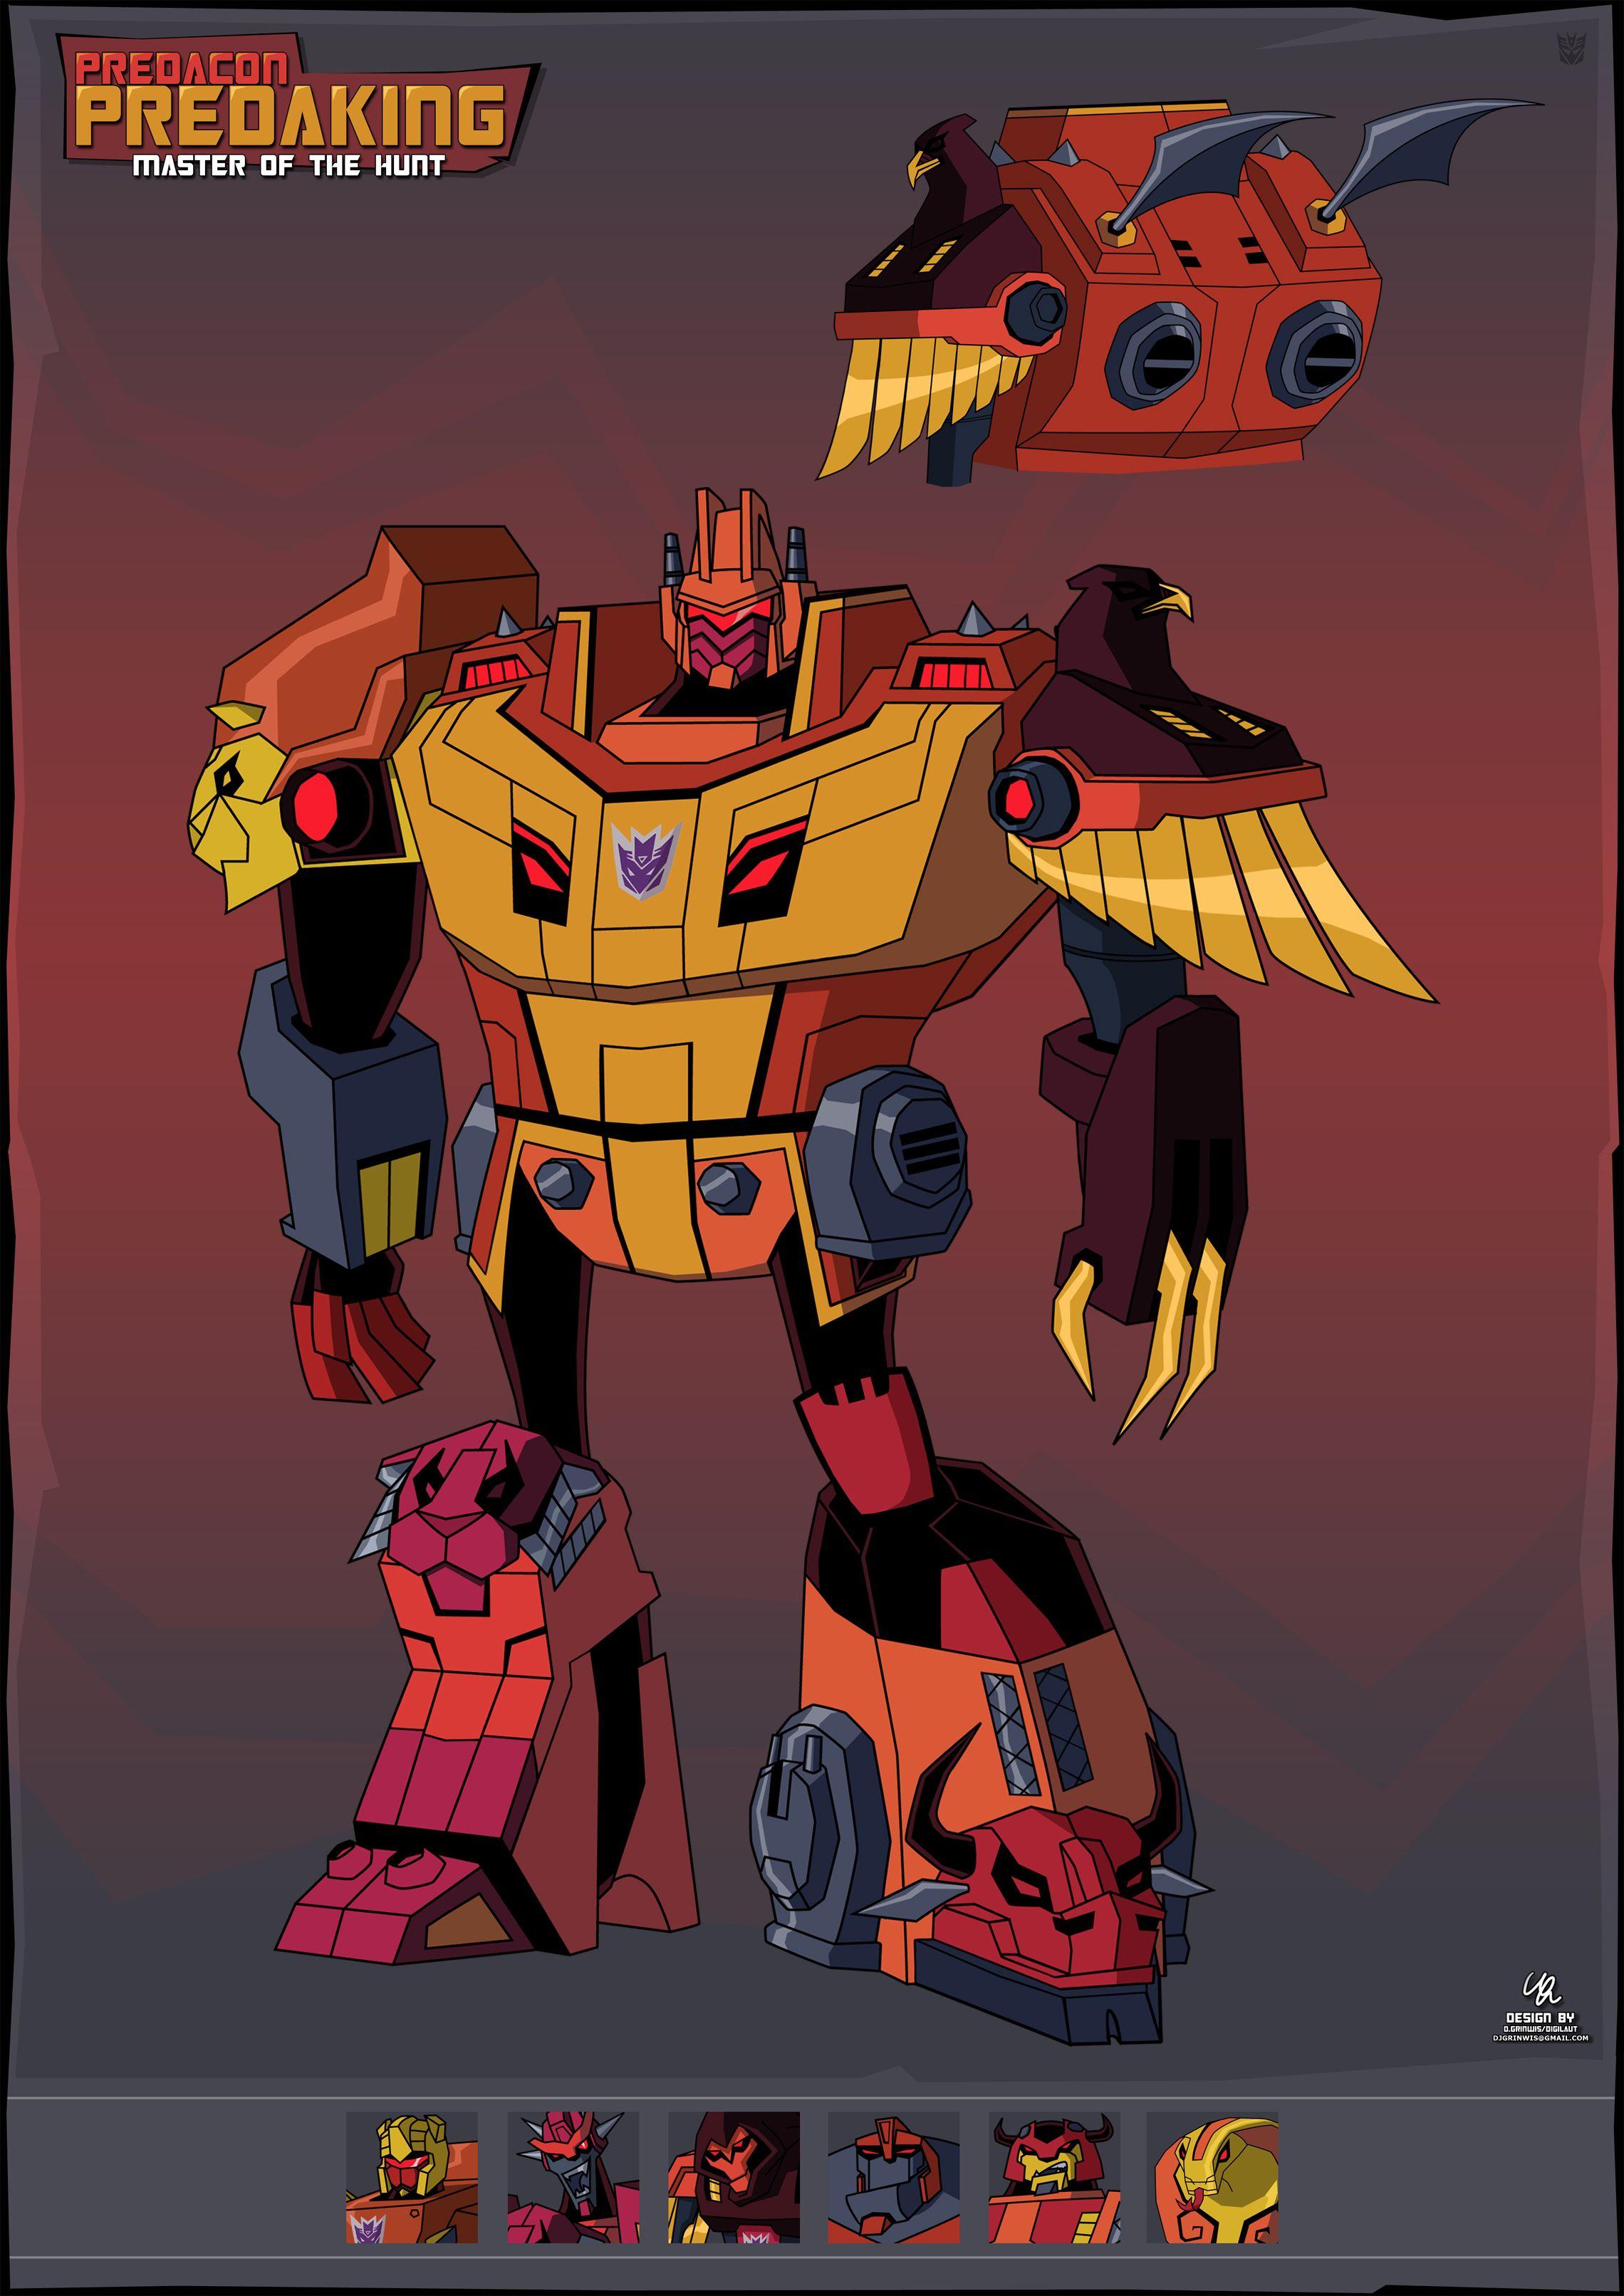 Transformers Animated Predacons / PREDAKING - TFW2005.com